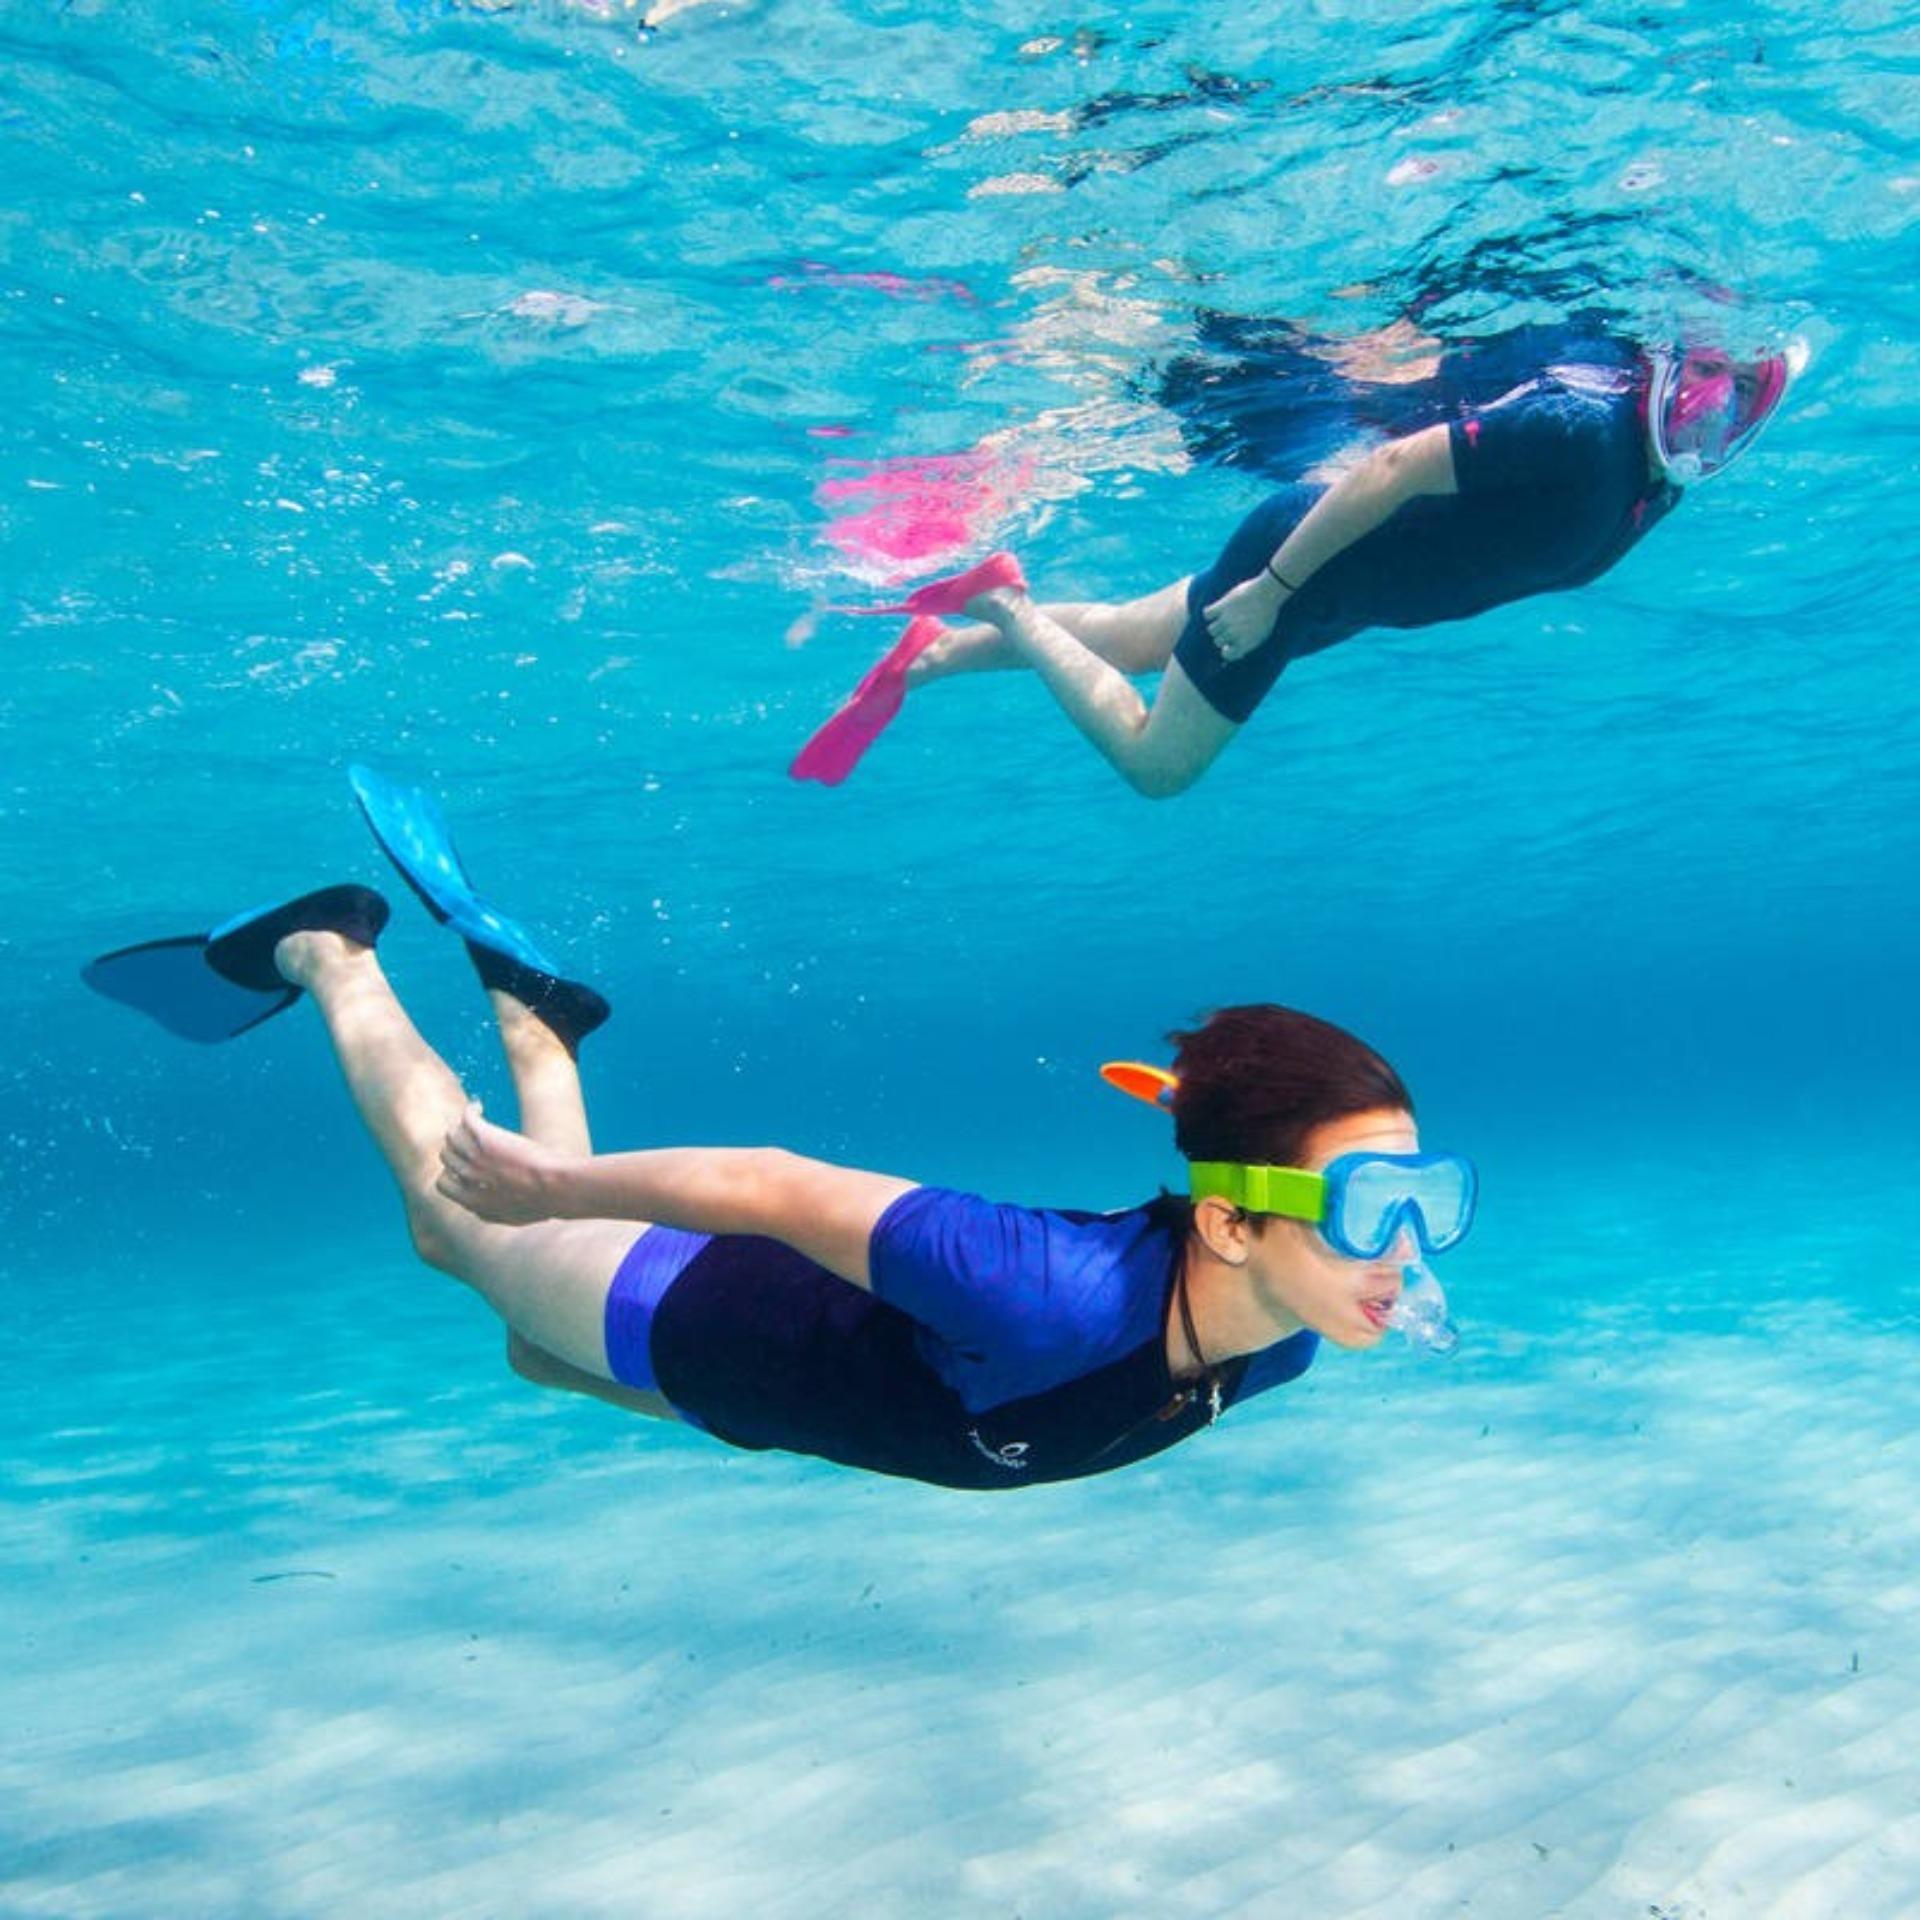 Mua Kính Lặn Và Ống Thở Có Chân Vịt, Hàng Tốt, Giá ChấtKính Lặn Biển Giá Rẻ, Kèm Ống Thở, Chân Vịt, Phân Phối Bởi SOCTHO Store